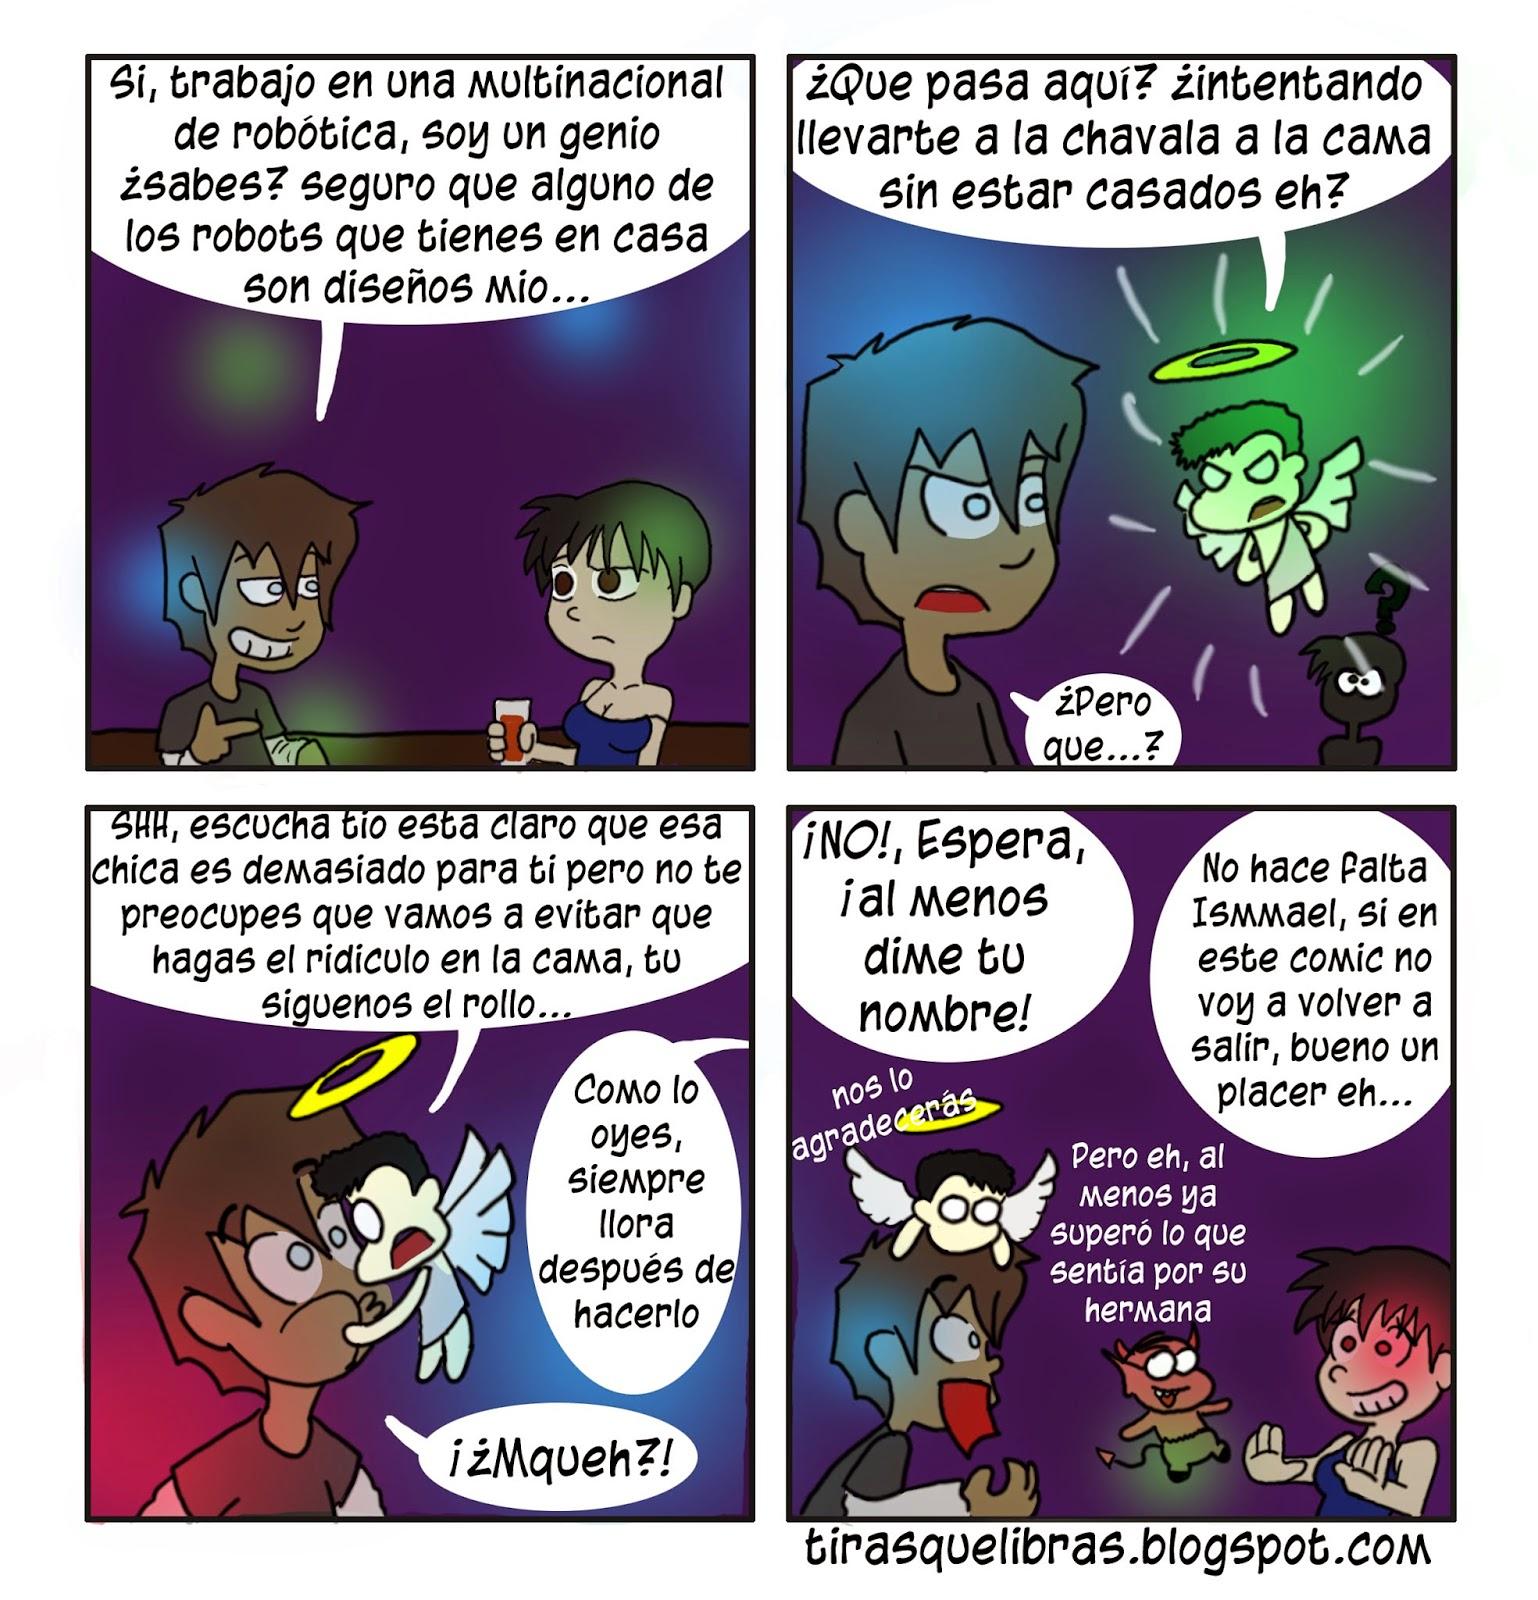 webcomic ye lo que hay, el angelito conoce a Ismmael